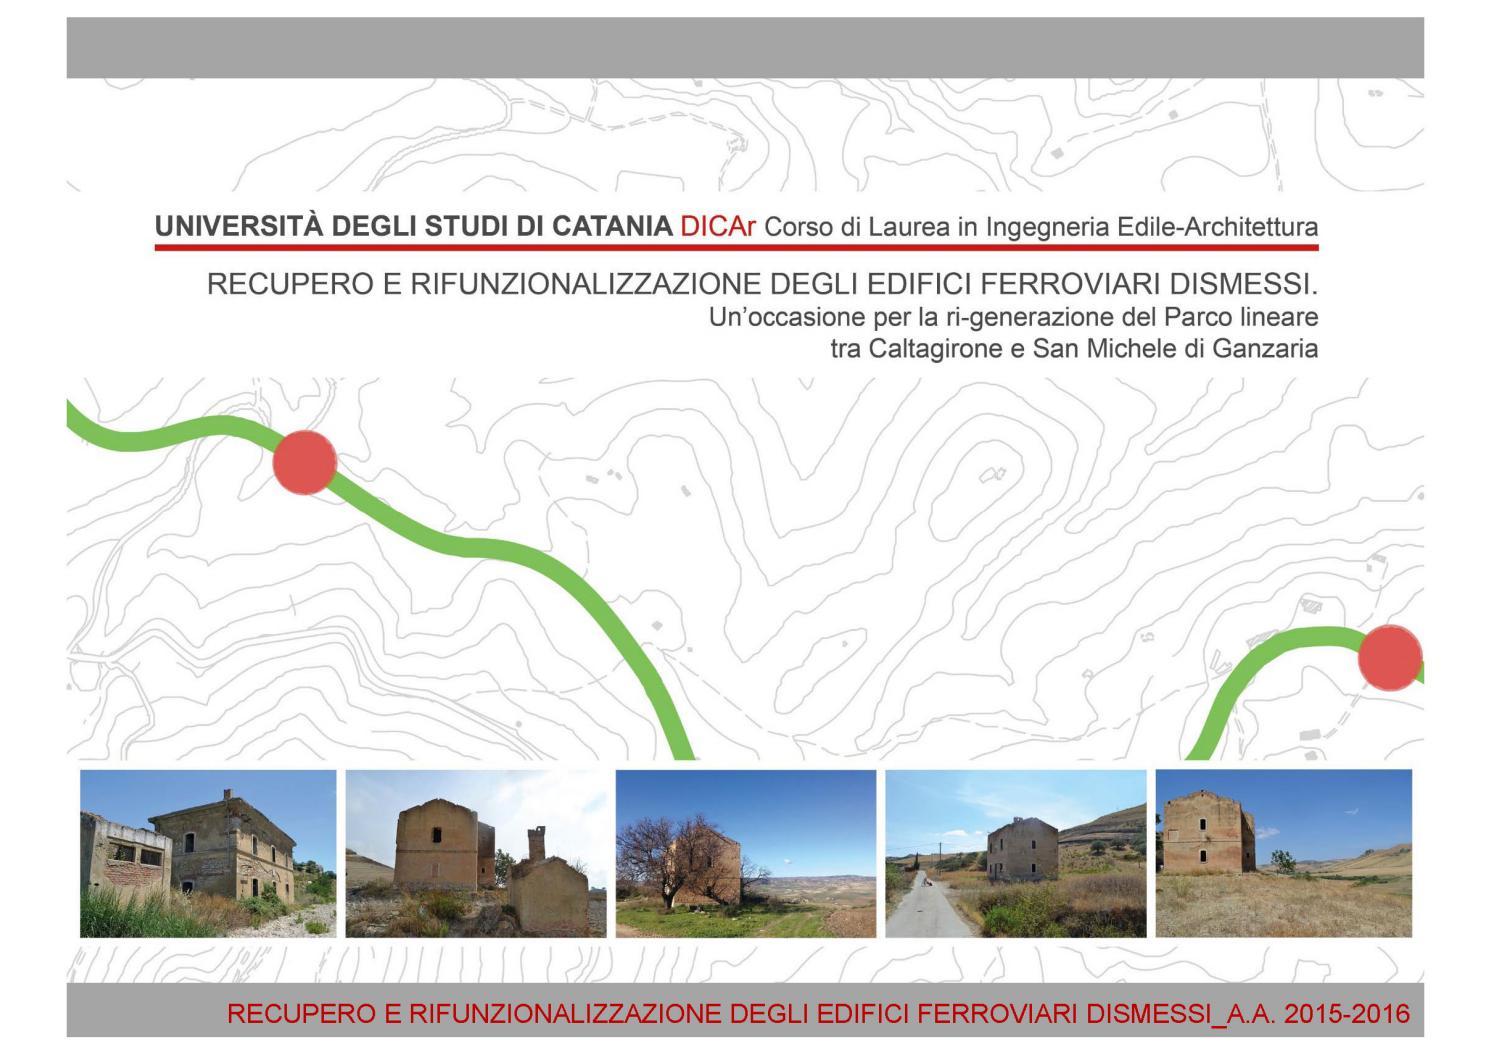 Raccolta Ferro Vecchio Catania recupero e rifunzionalizzazione degli edifici ferroviari